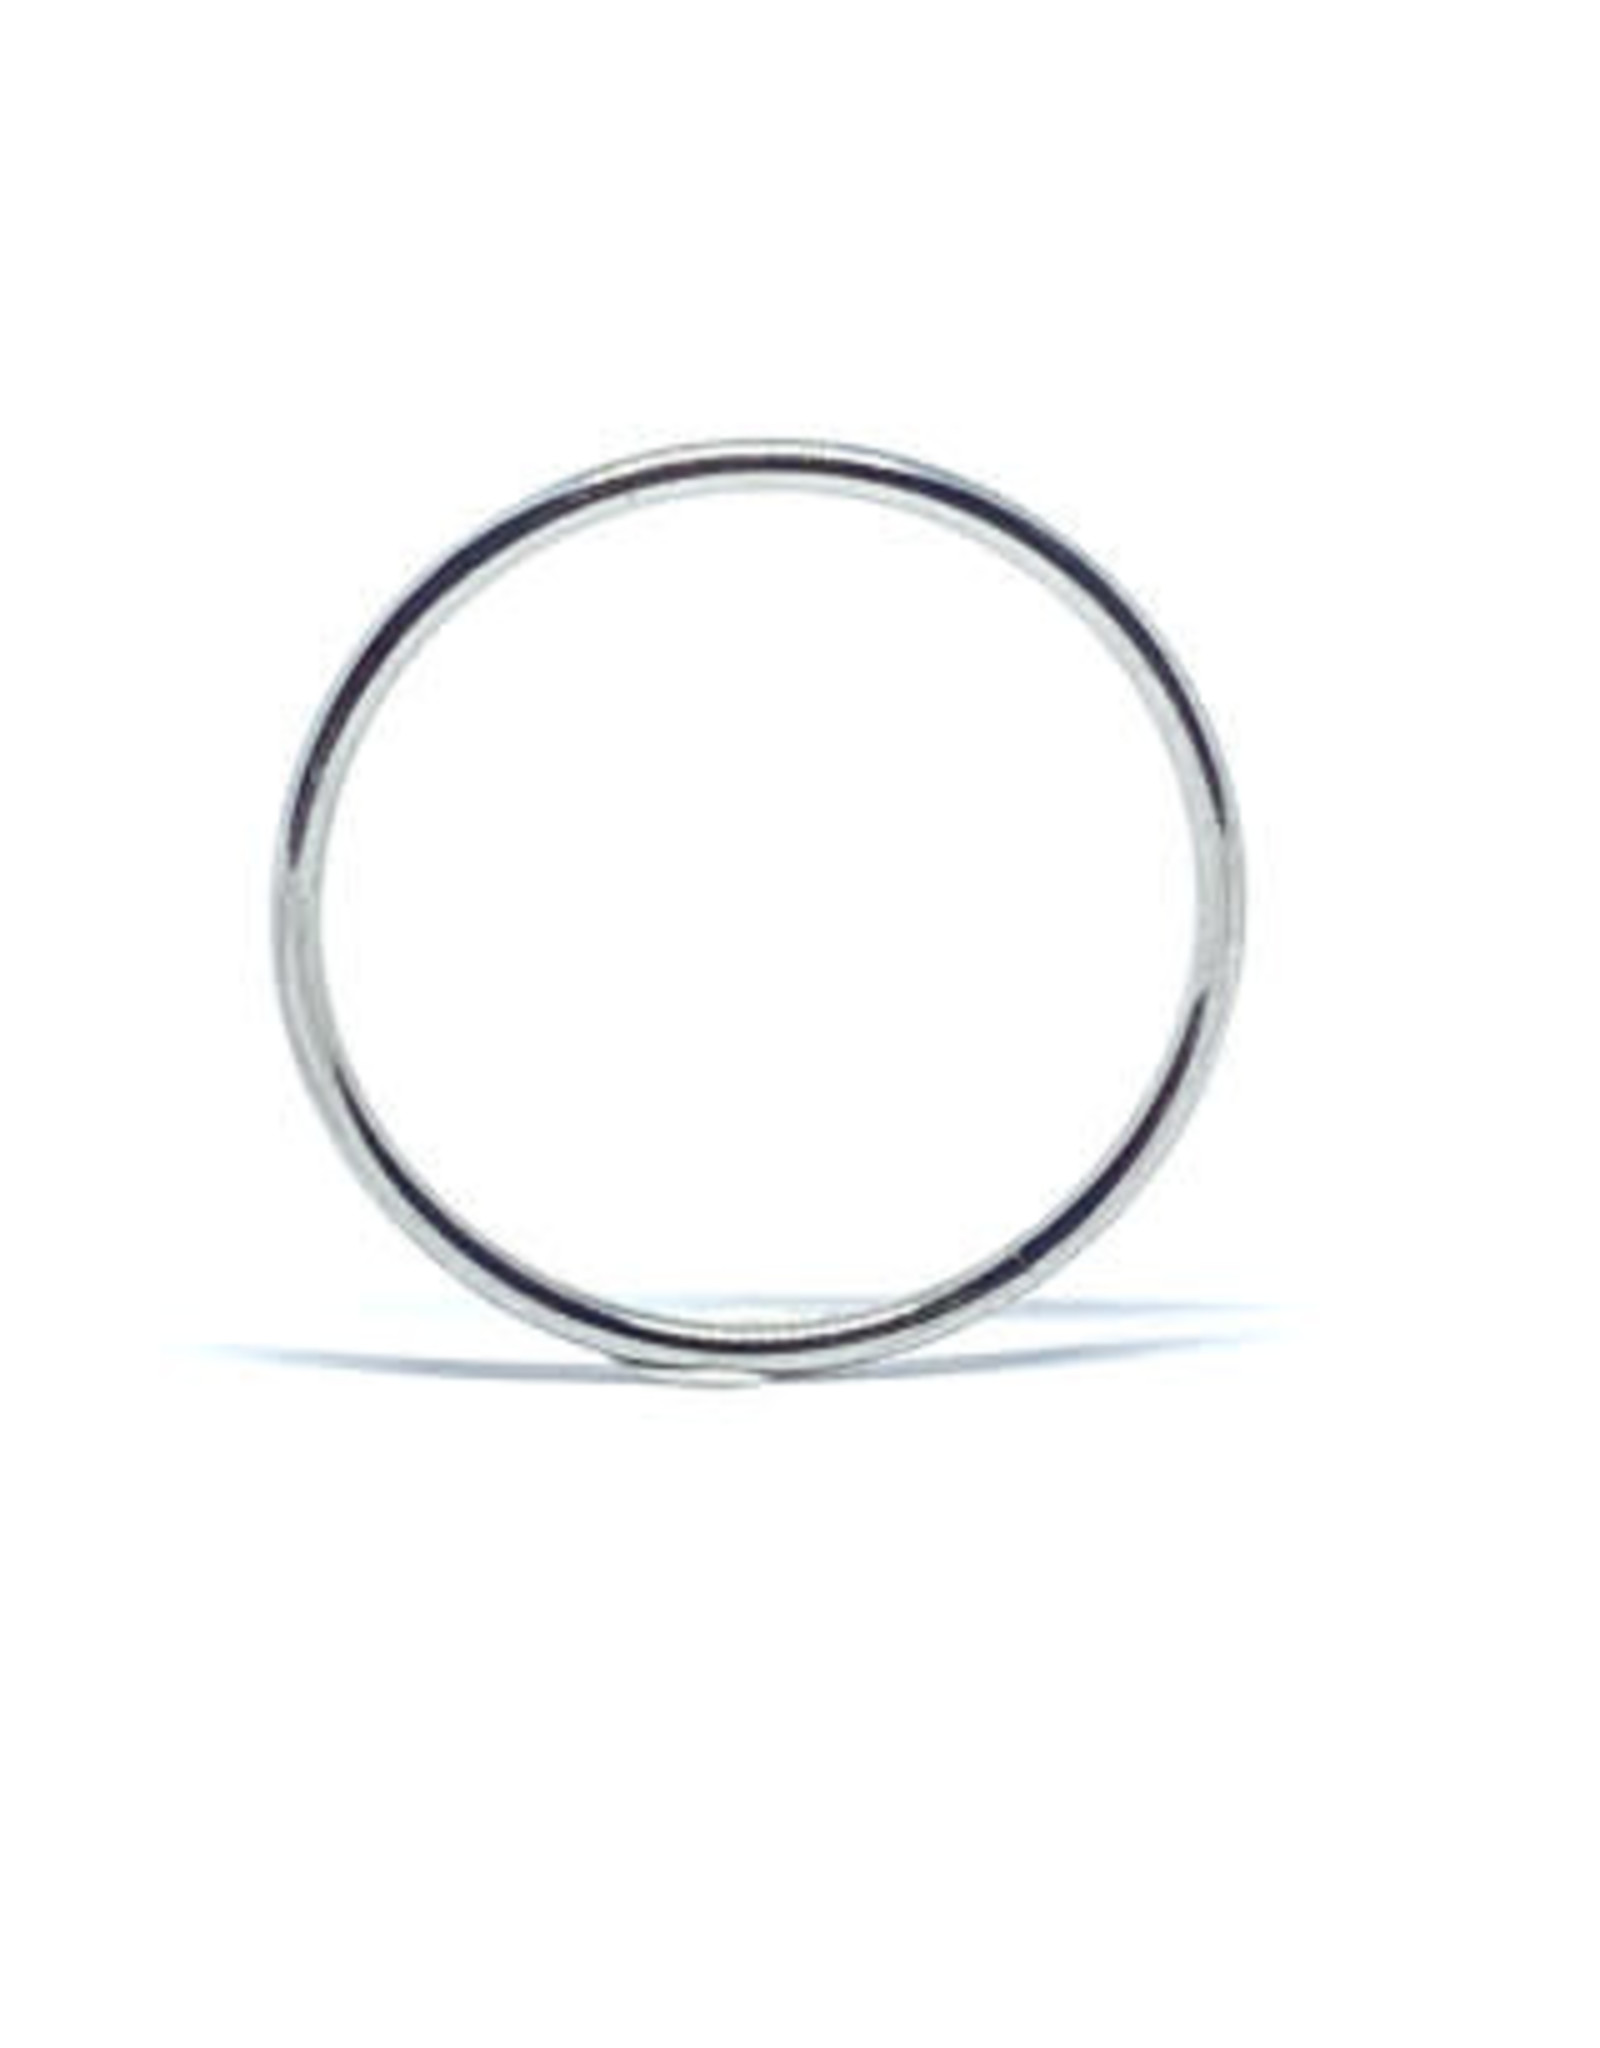 LokÜs «Stackable rings» 3 joncs fins en Or 10k